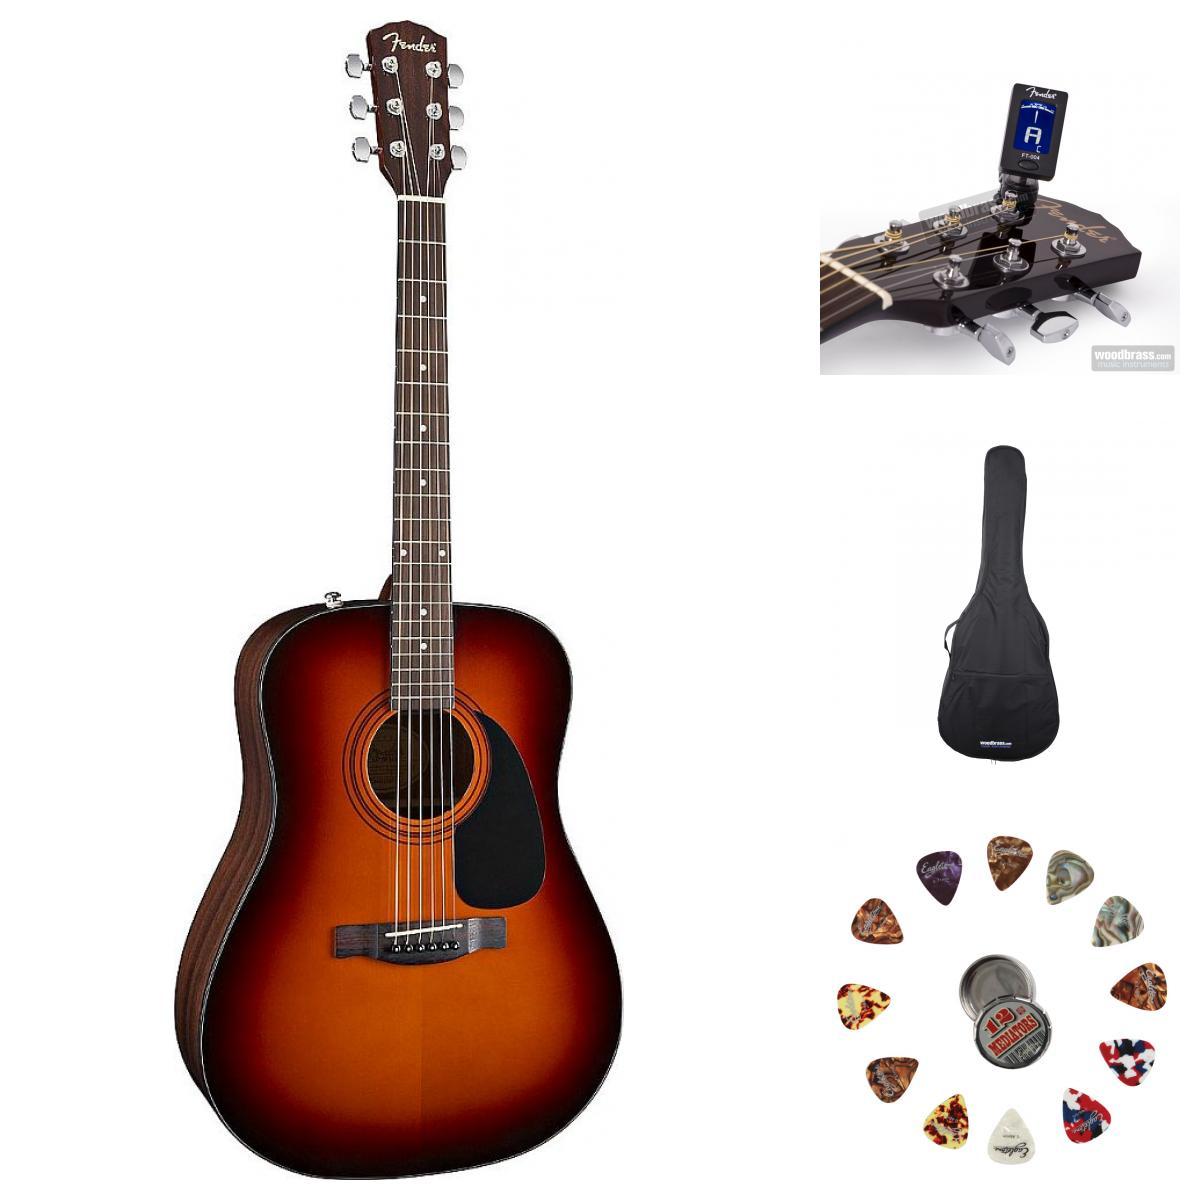 Fender Cd 60 Sunburst V2 + Accessoires